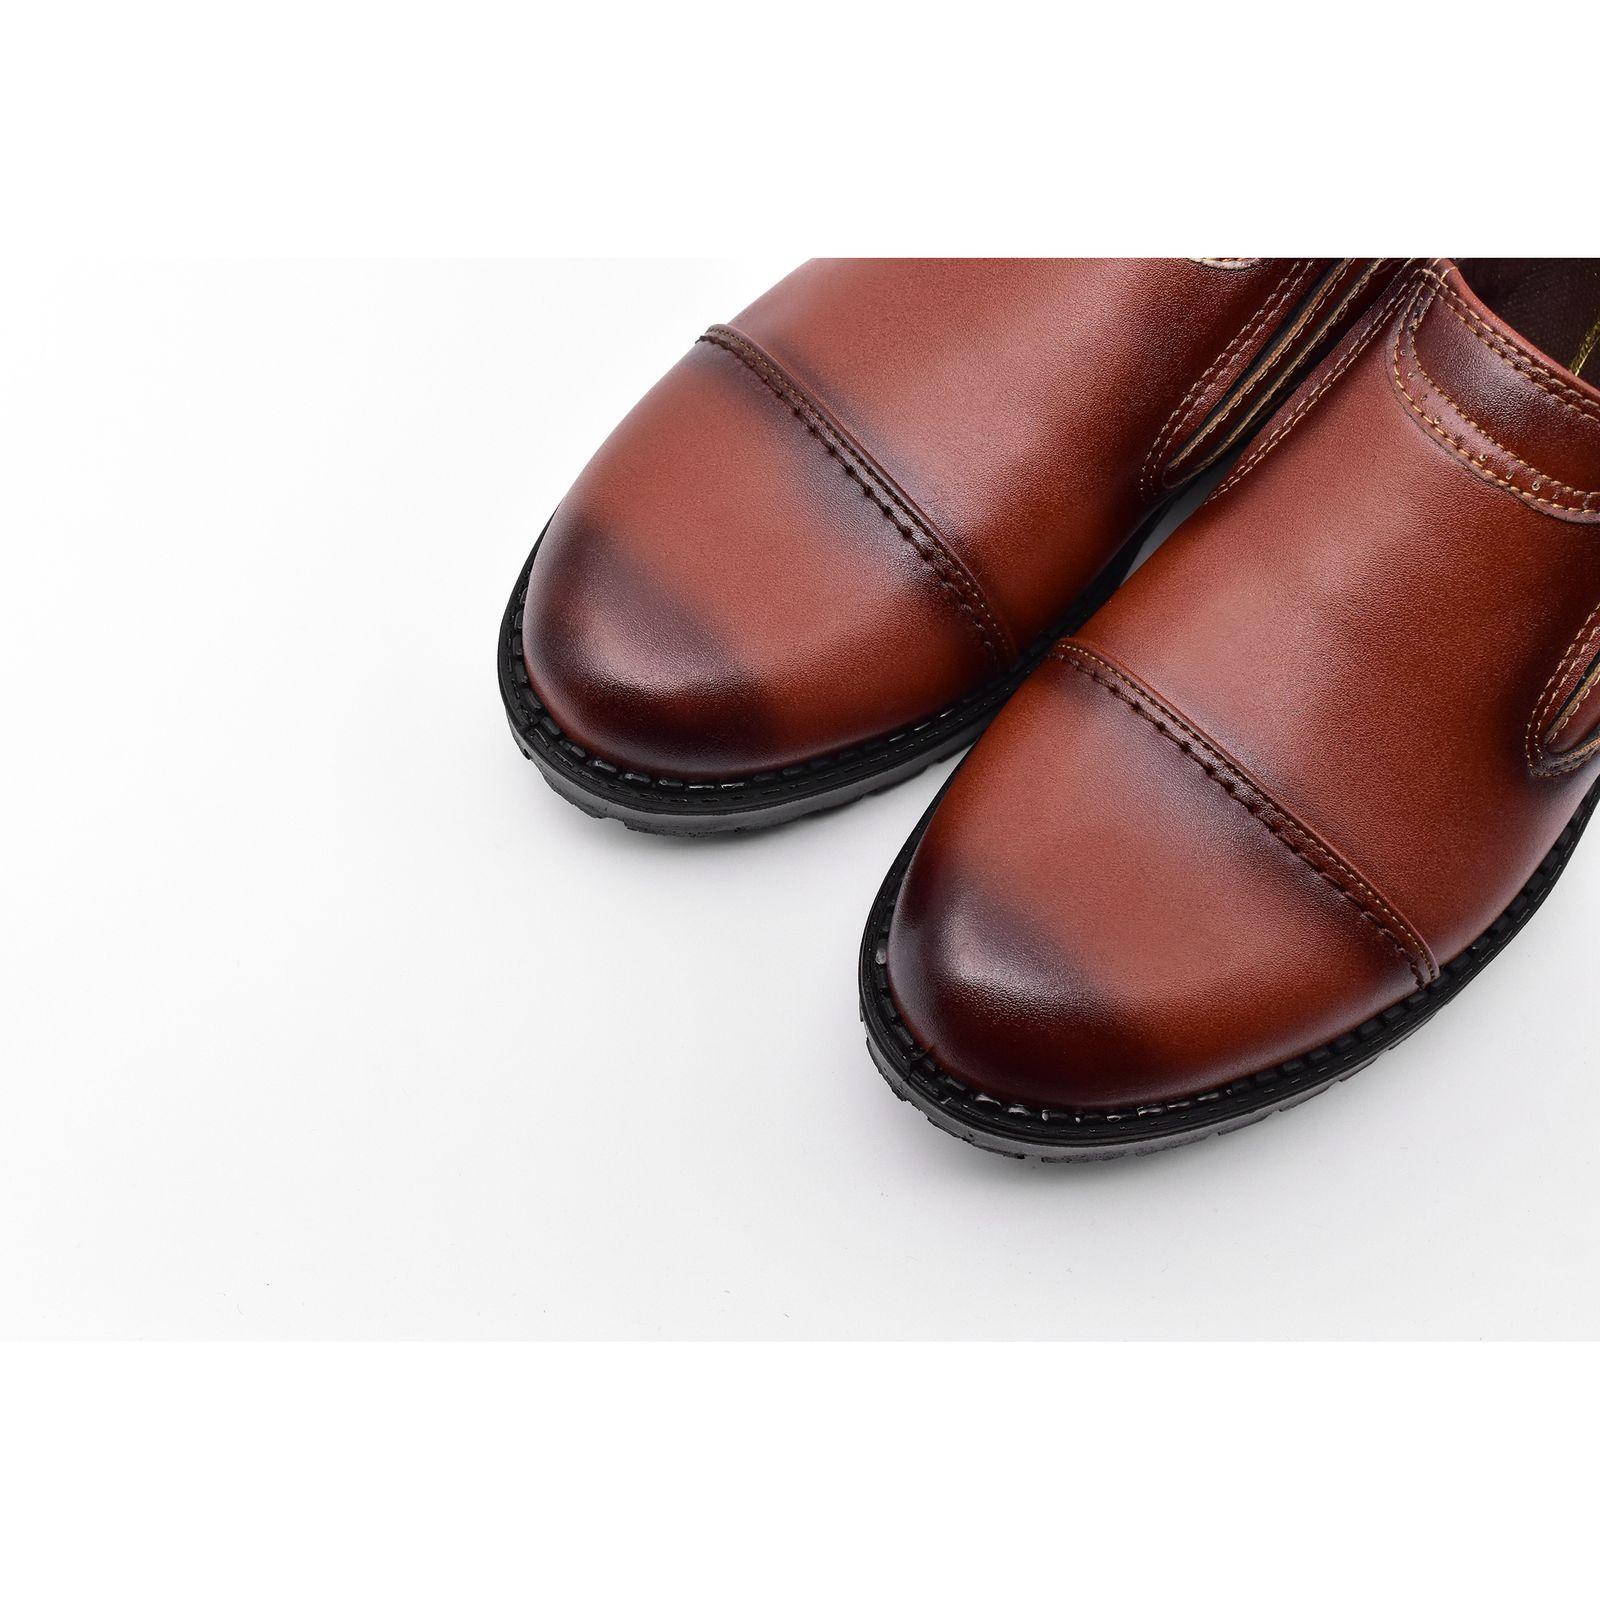 کفش روزمره مردانه مدل پردیس کد 5968 -  - 3